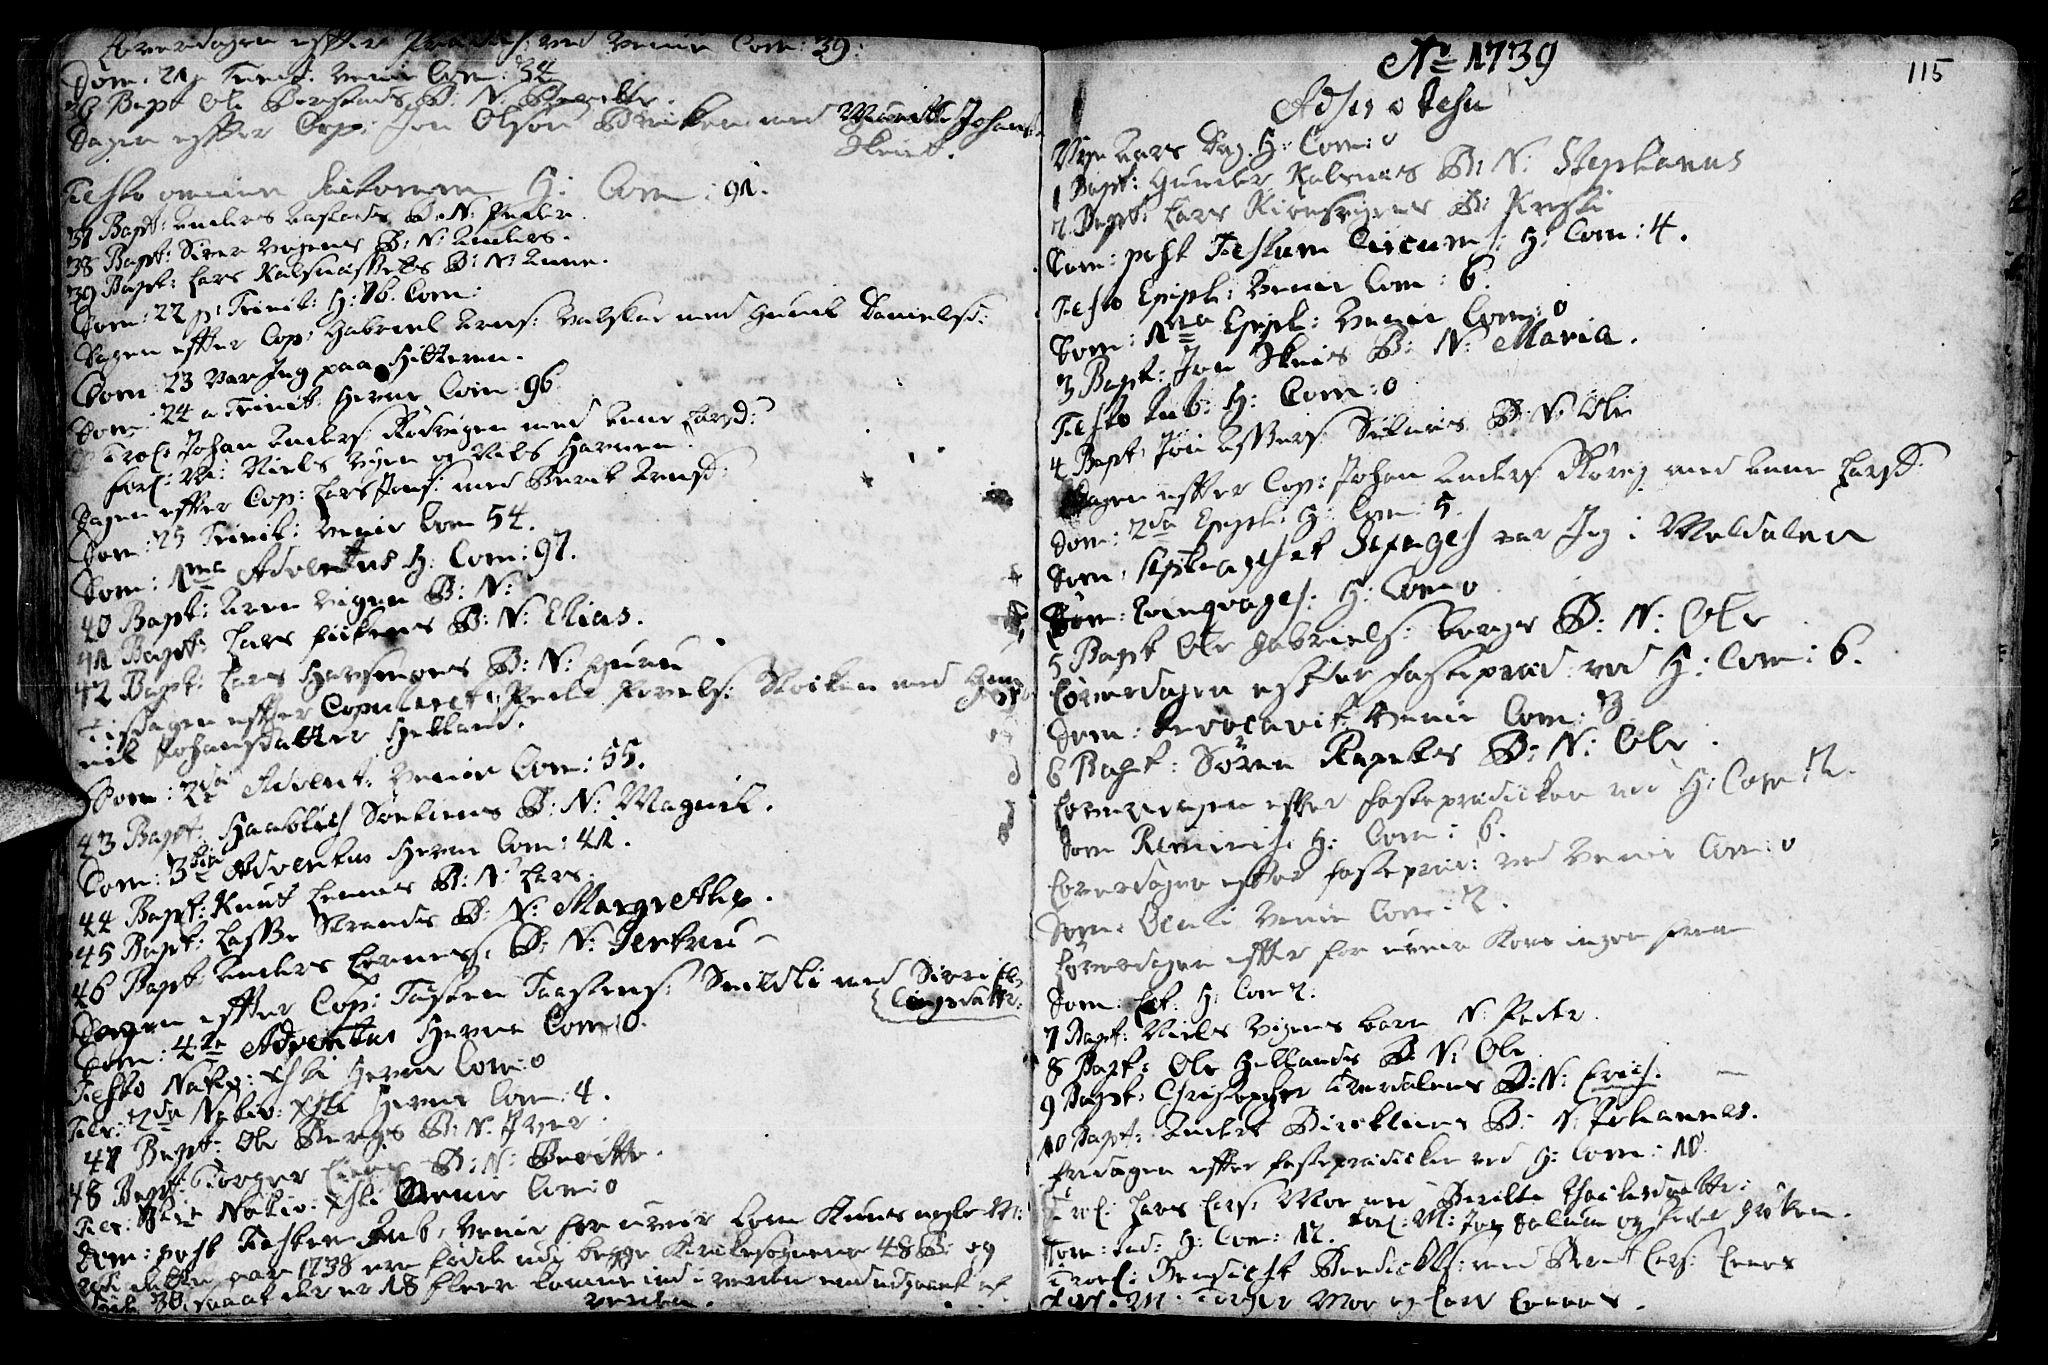 SAT, Ministerialprotokoller, klokkerbøker og fødselsregistre - Sør-Trøndelag, 630/L0488: Ministerialbok nr. 630A01, 1717-1756, s. 114-115